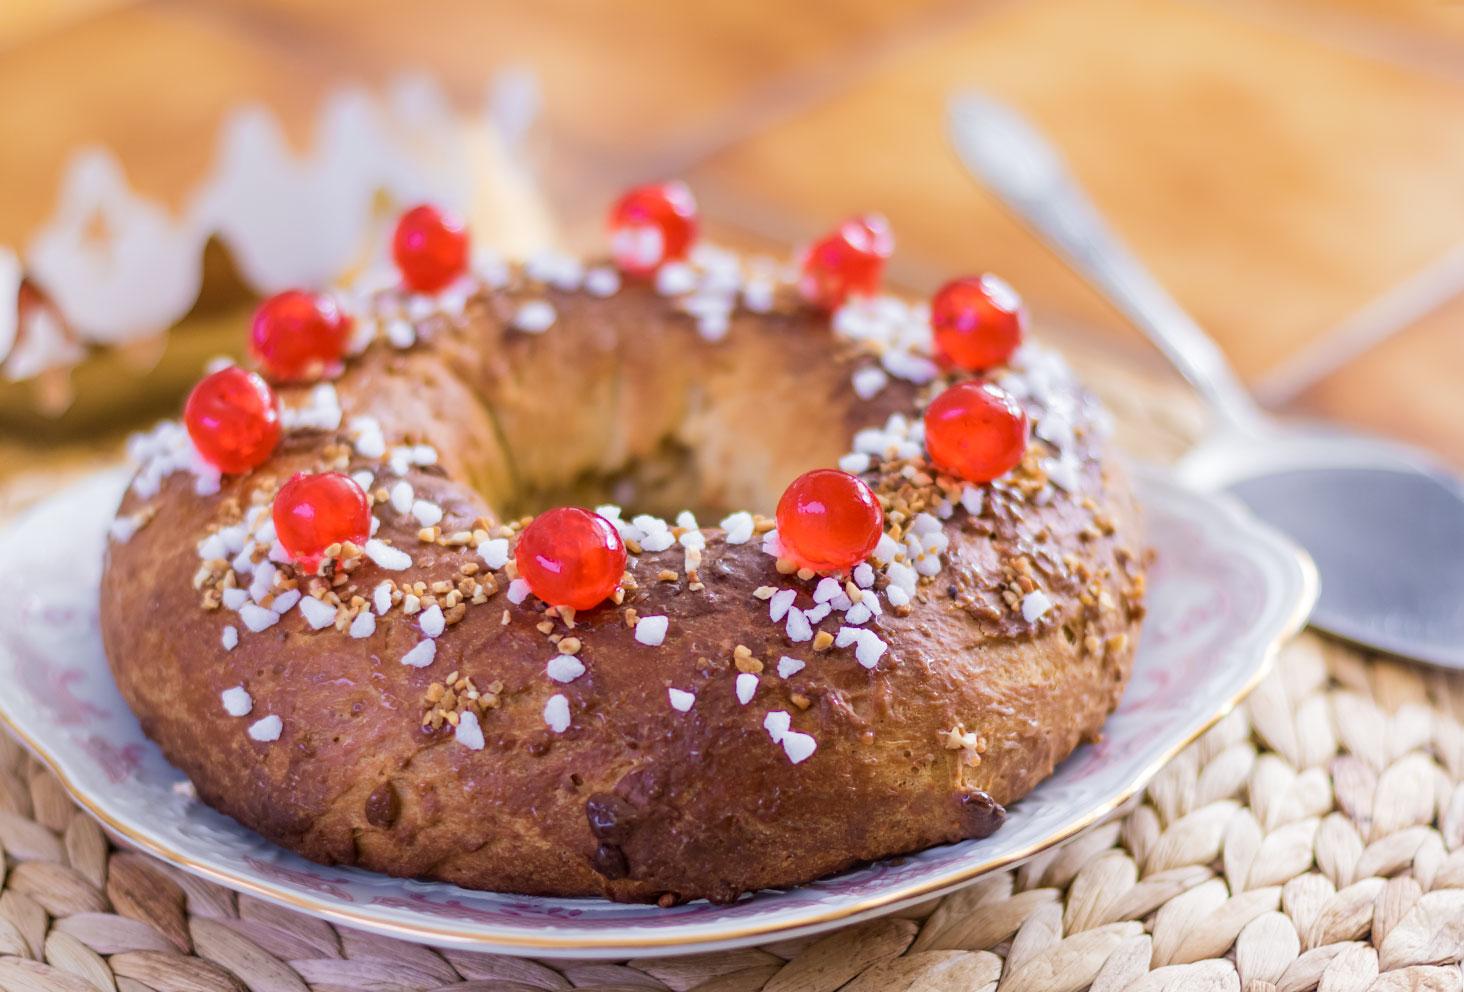 La couronne des rois au beurre de cacahuètes à côté d'une couronne et de la pelle à tarte